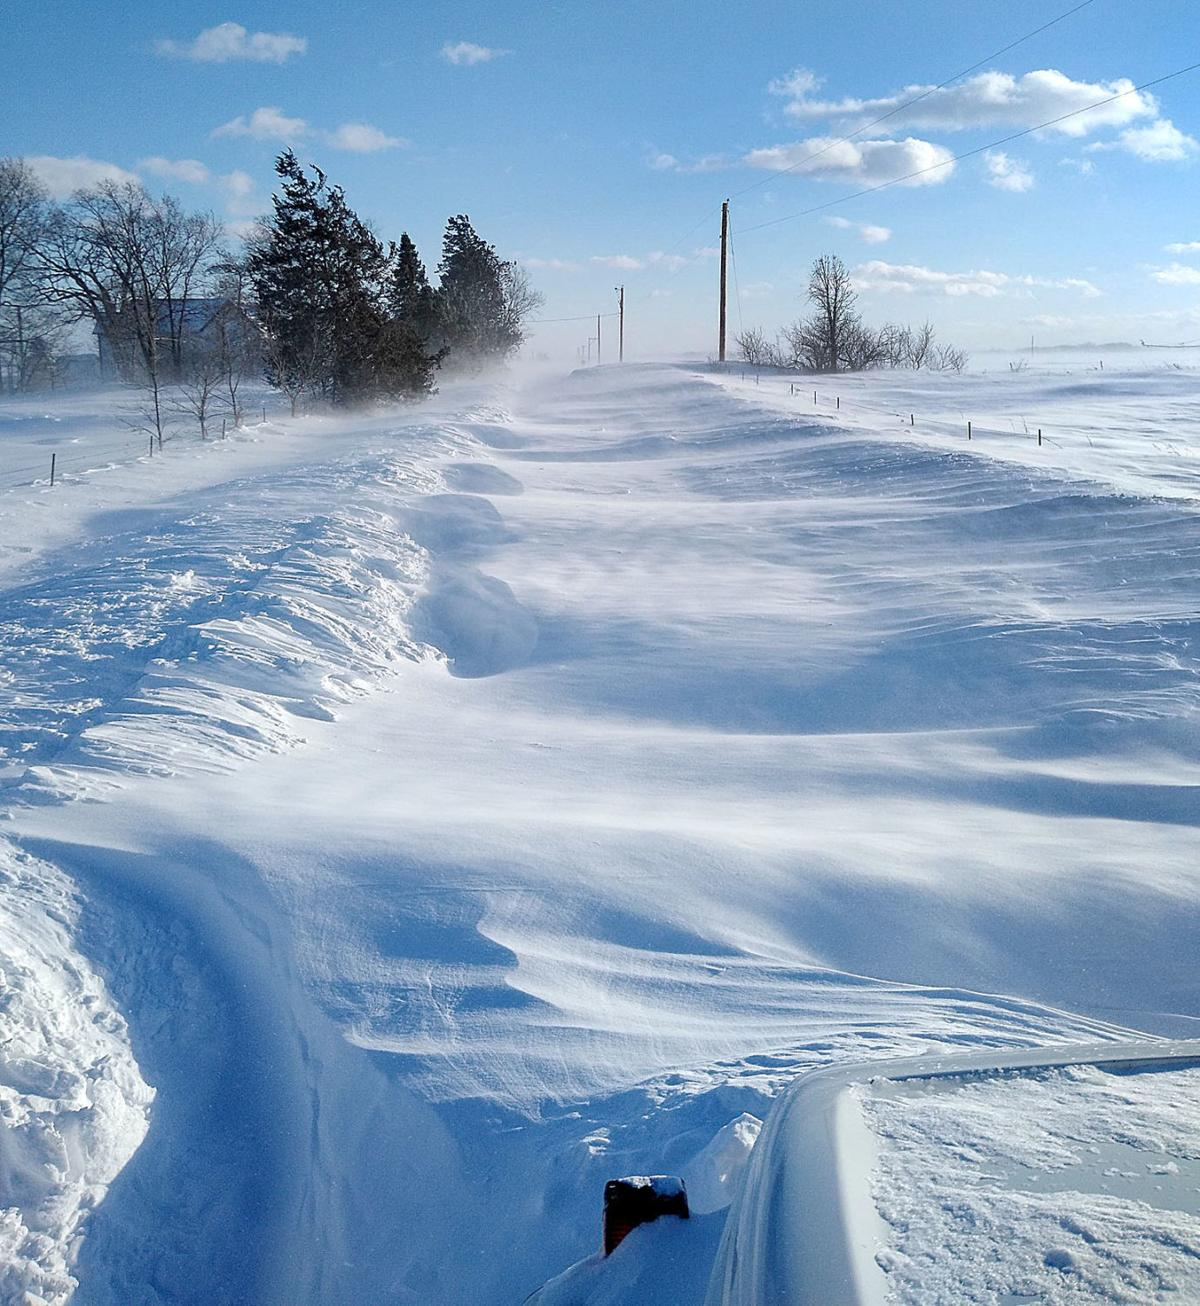 030319_con_snow_1